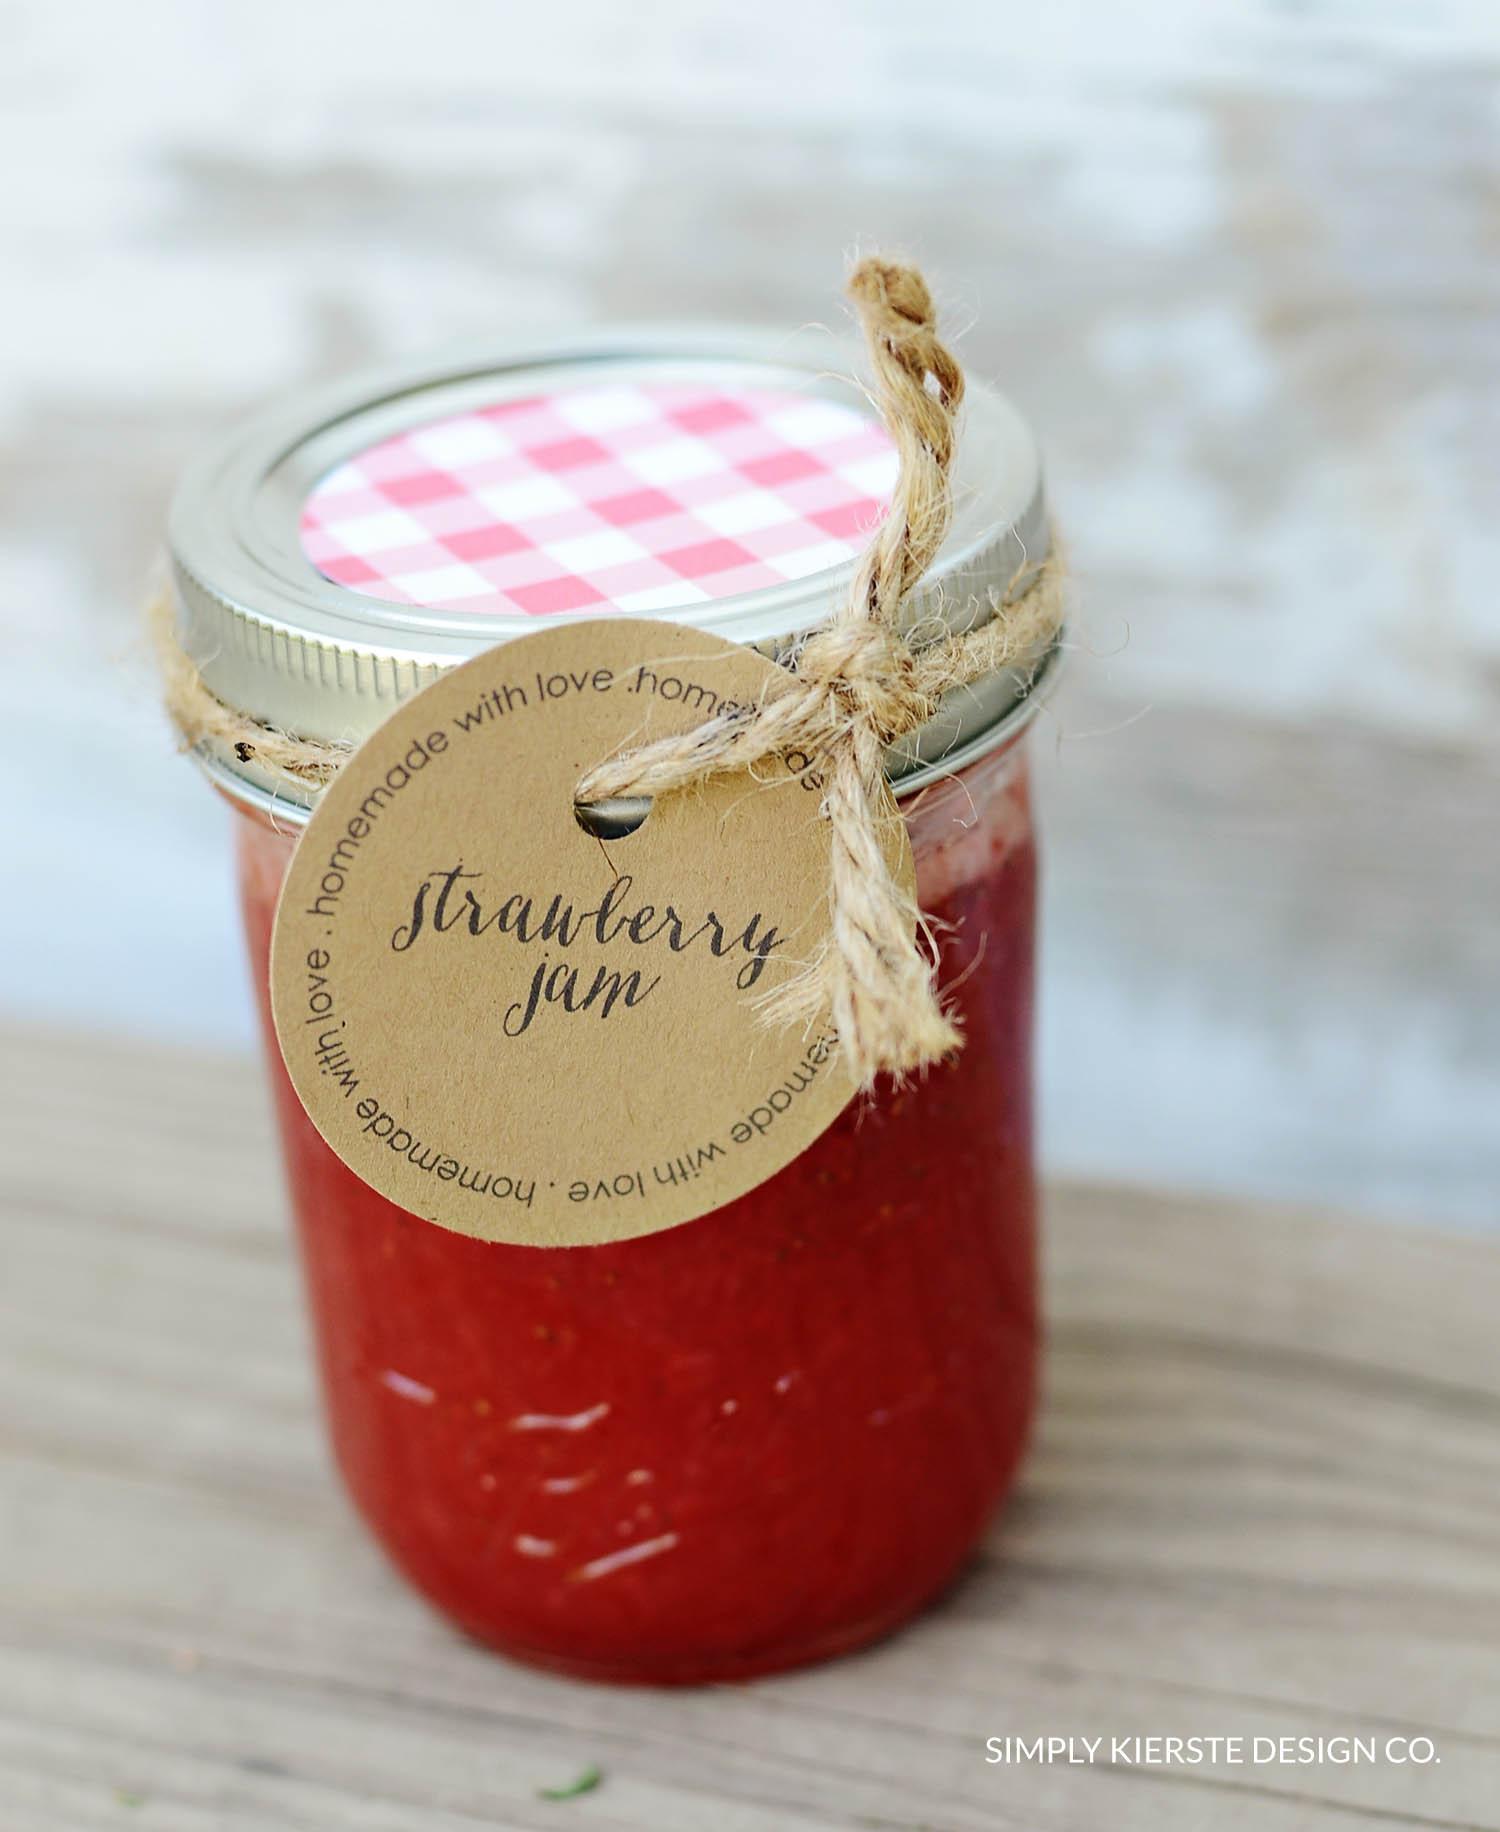 Homemade Jam Gift Tags   Printable Tags   simplykierste.com #gifttags #homemadejam #printabletag #easygiftidea